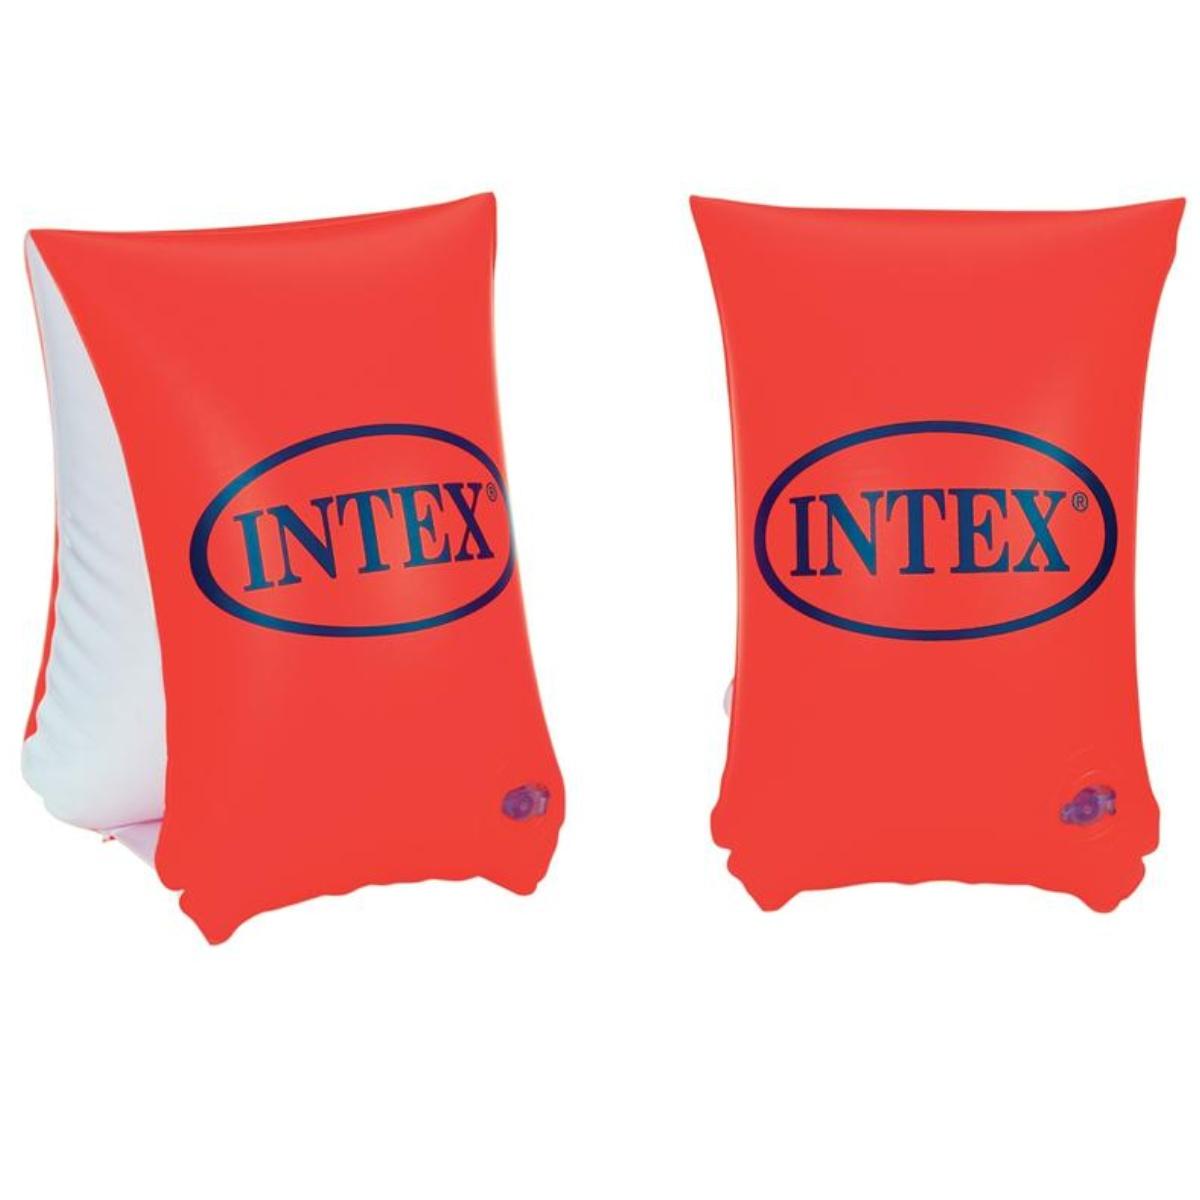 Intex 58641 deluxe